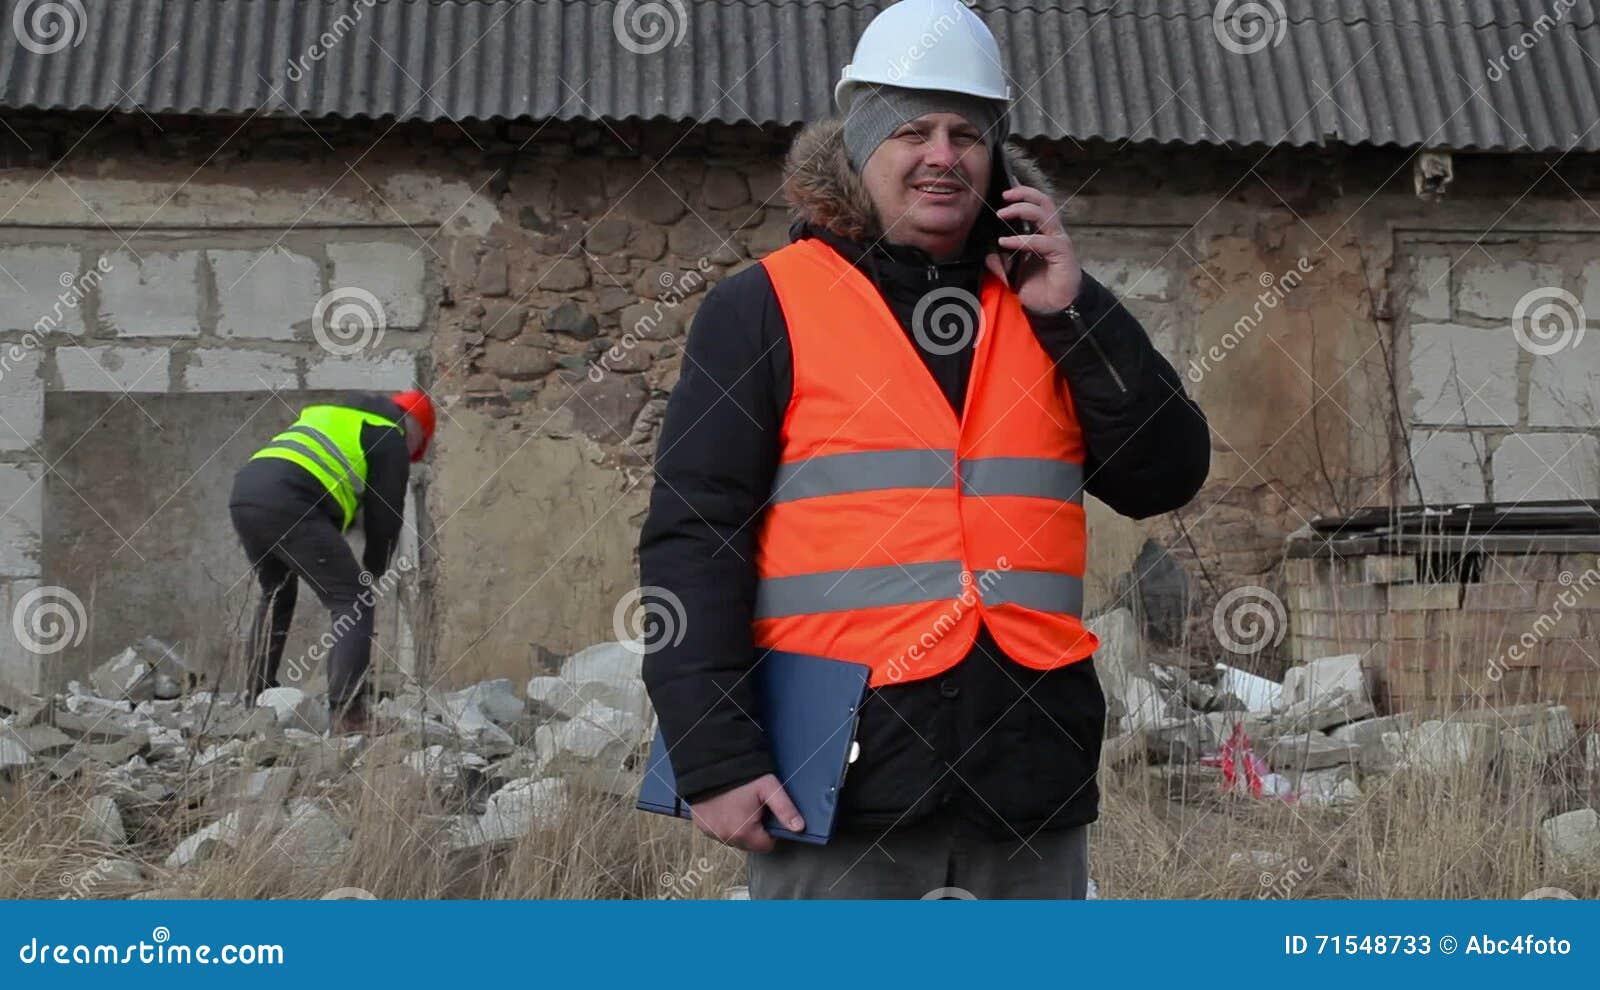 Hammering the bldg inspector